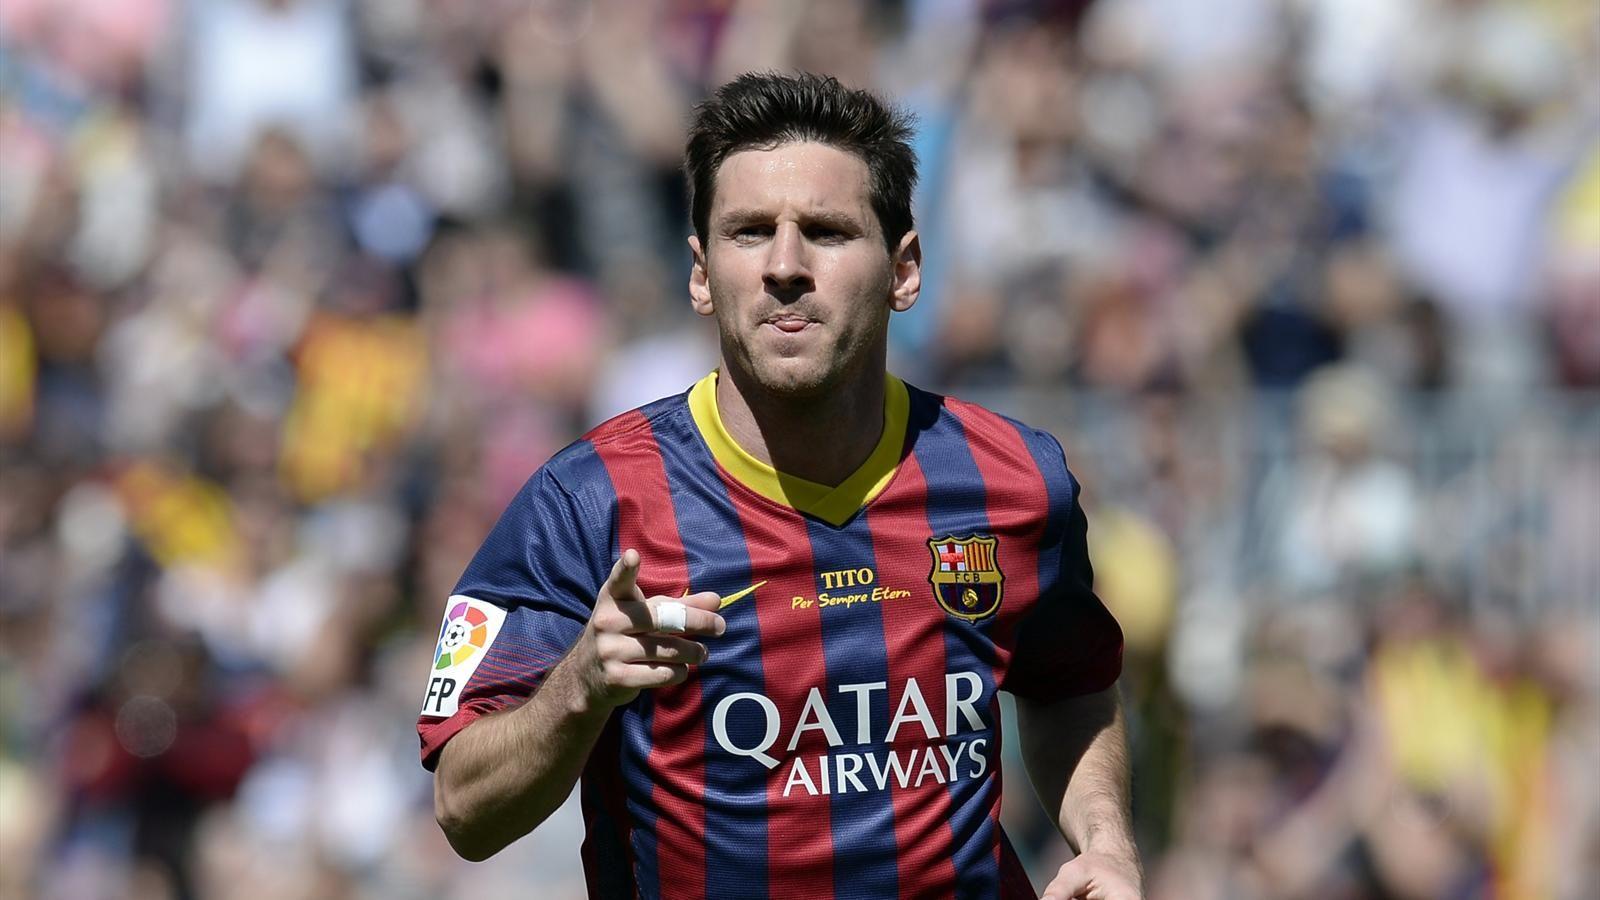 Spécial Messi et FCBarcelone (Part 2) - Page 8 1238157-26691247-1600-900